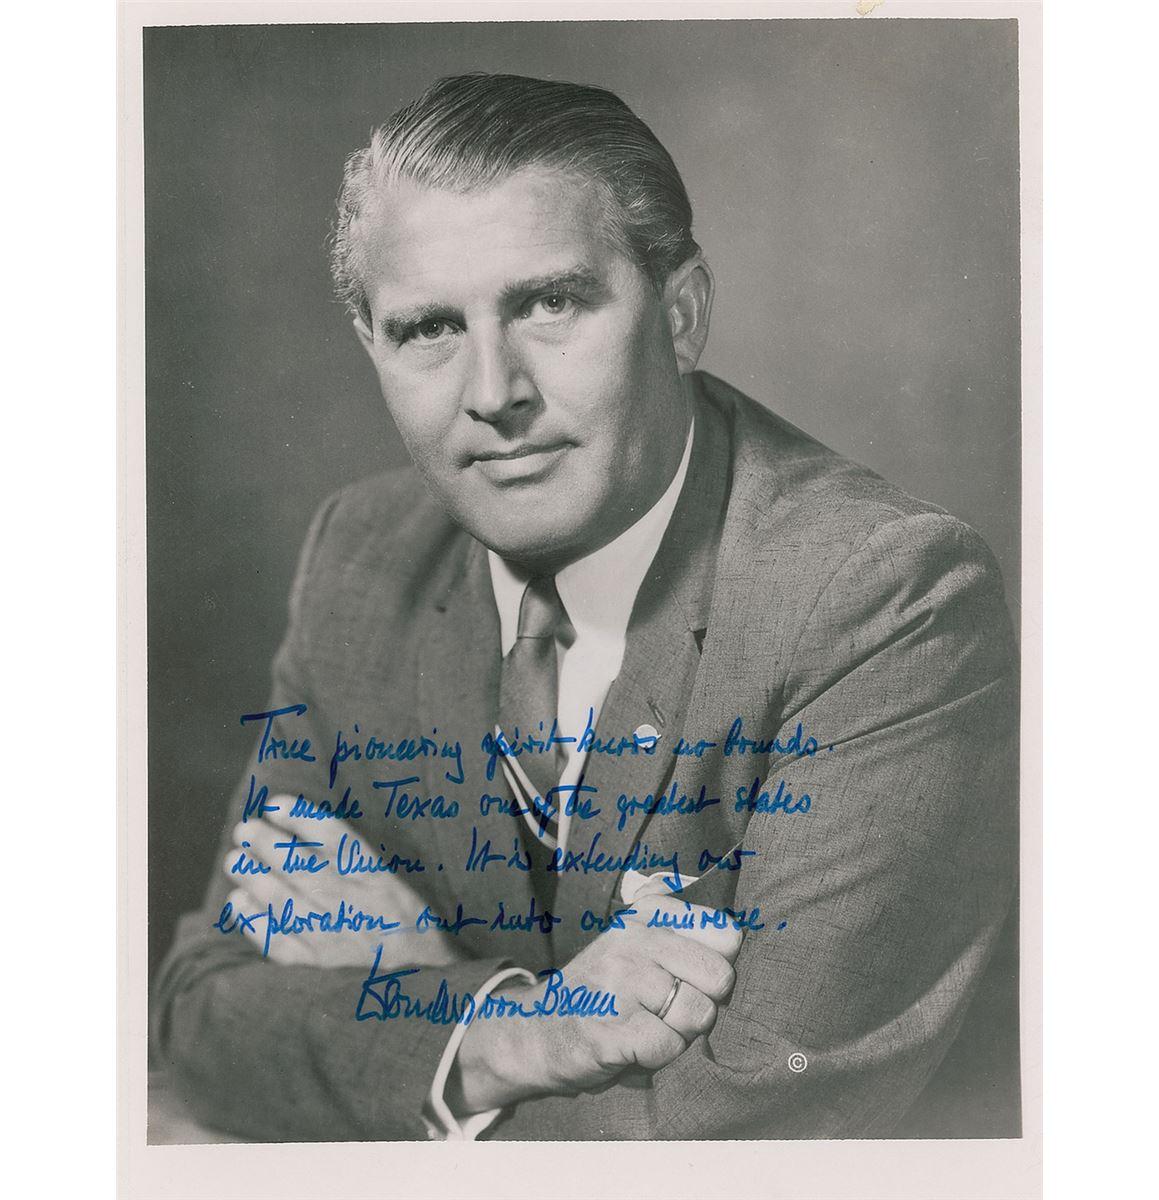 Wernher Von Braun Signed Photograph